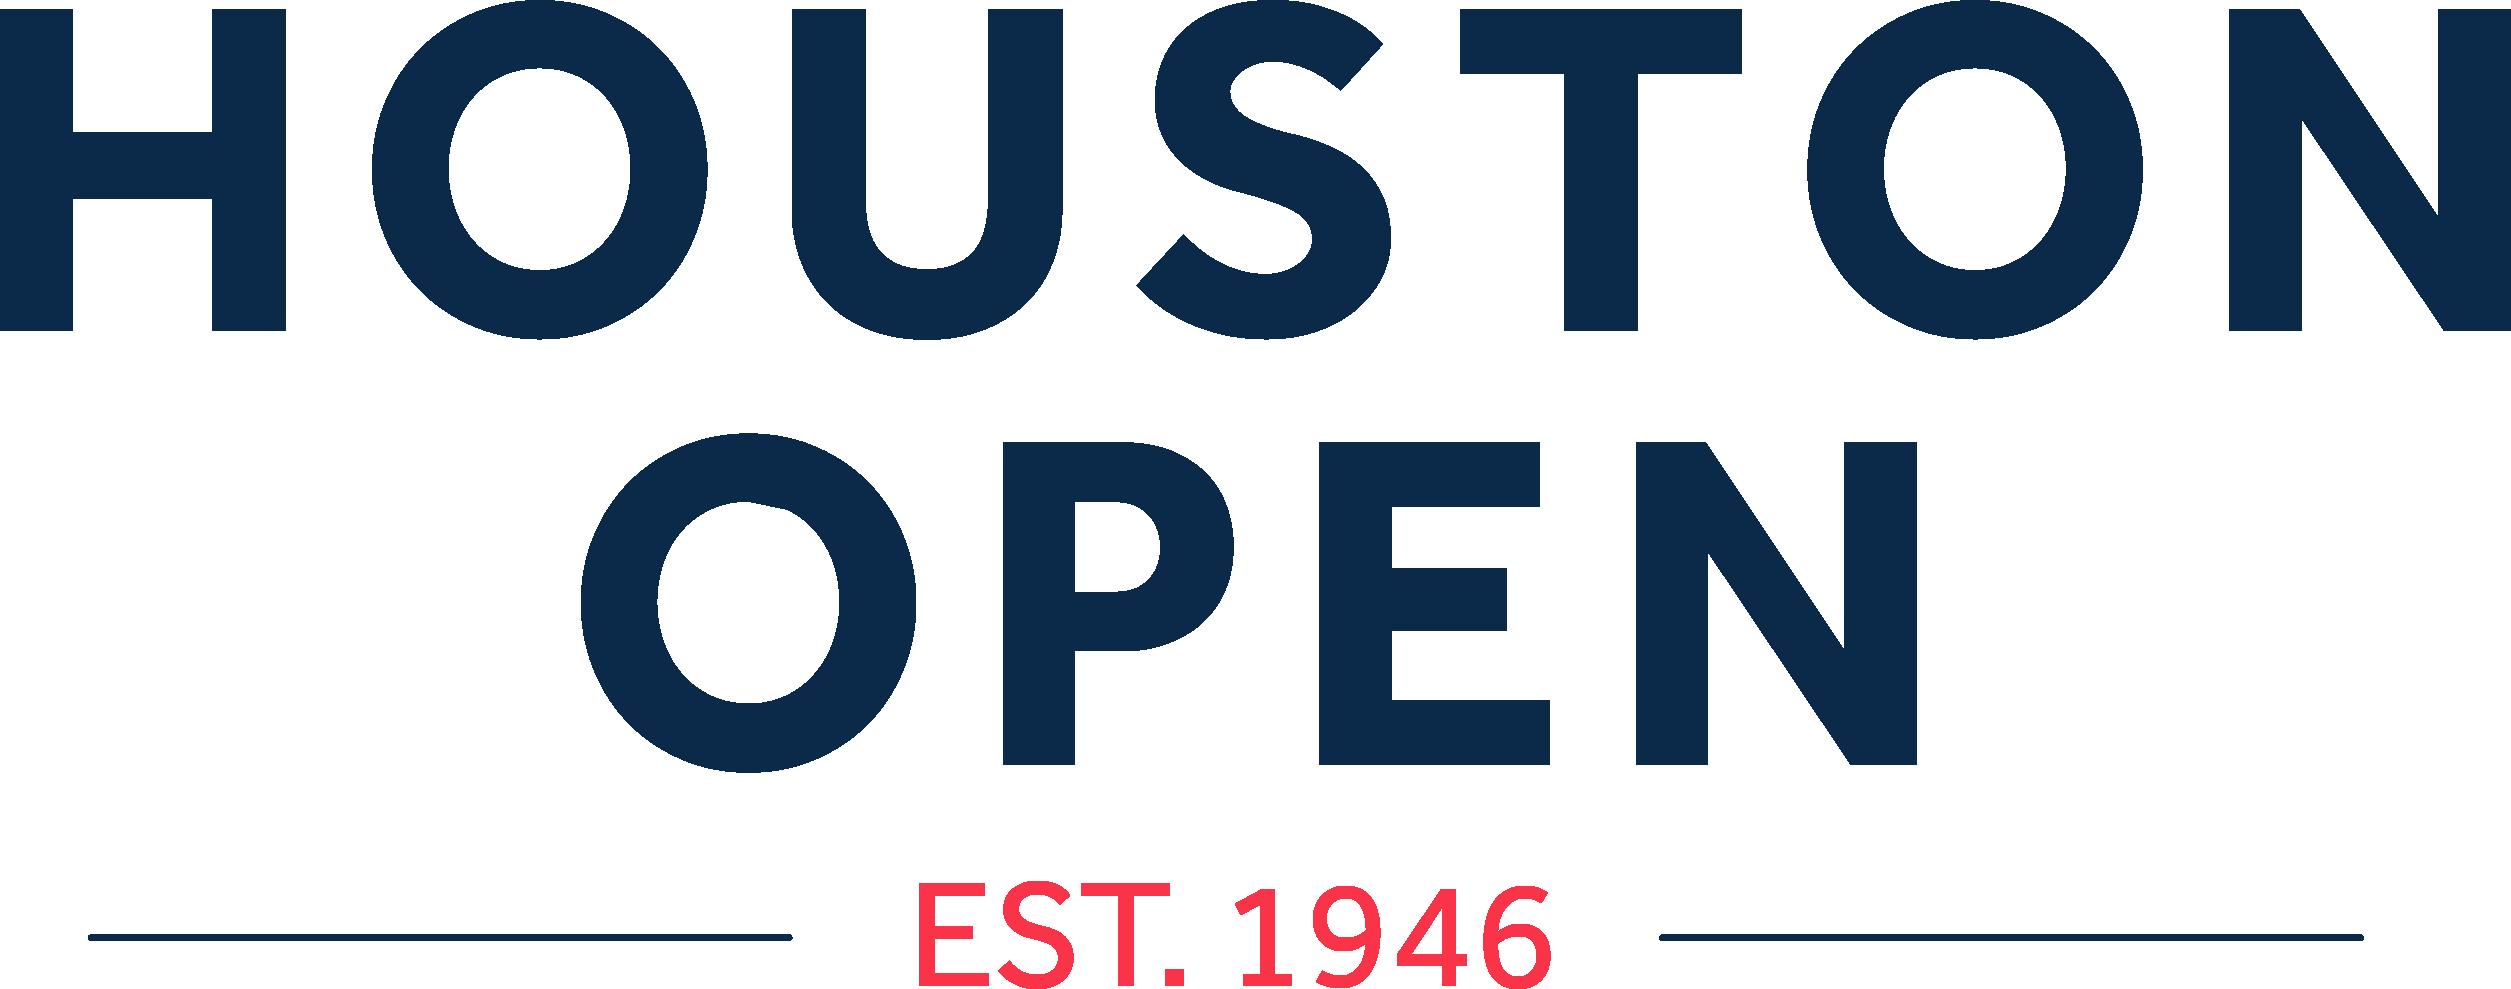 Houston Open 2018